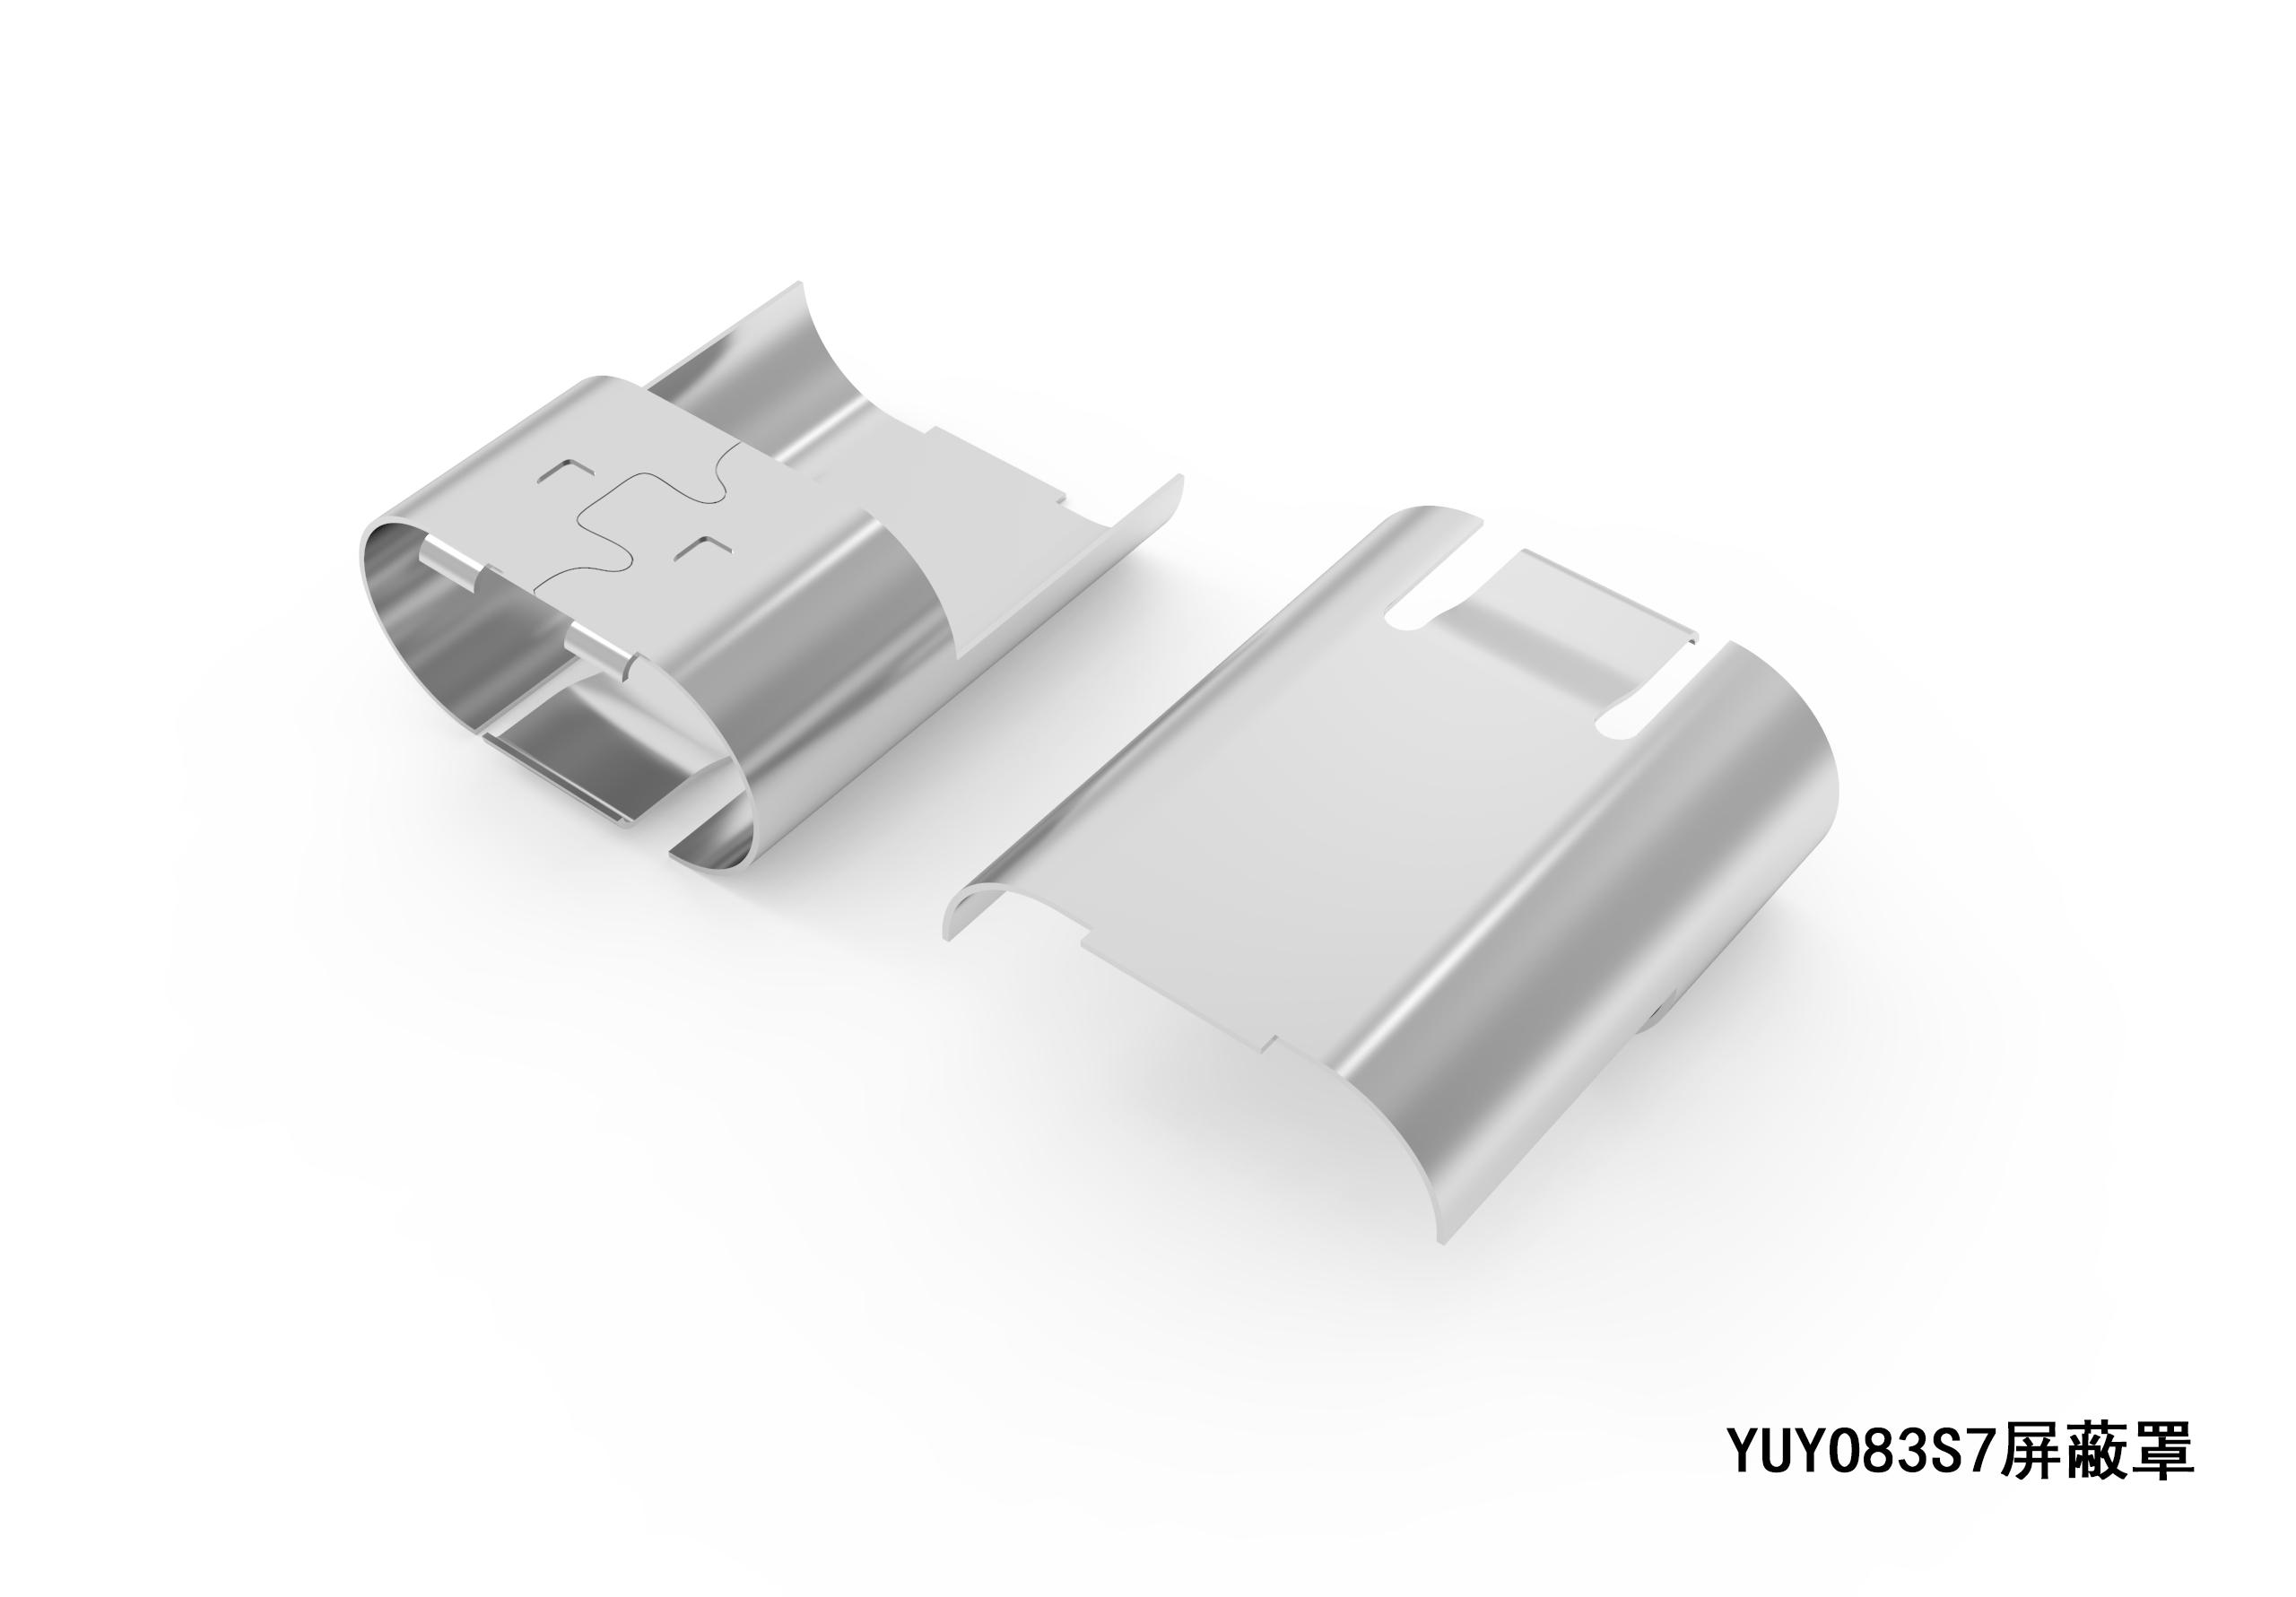 8P一体式转接头插头YUYO83S7屏蔽壳